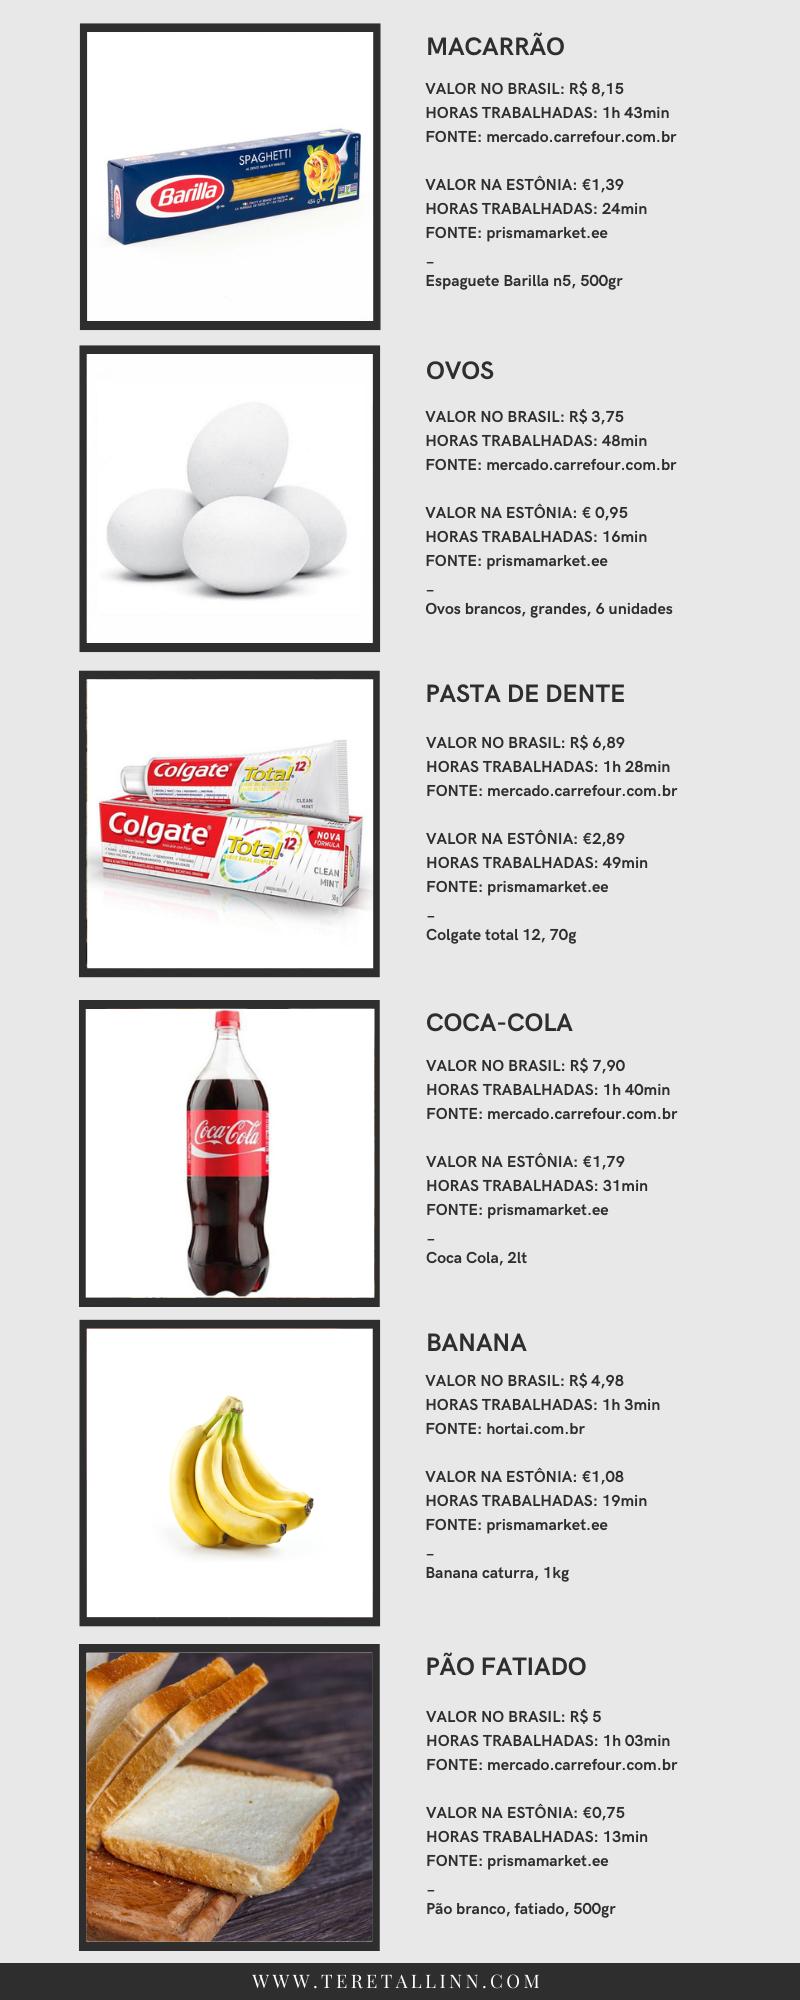 comparativo poder de compra na Estônia e Brasil